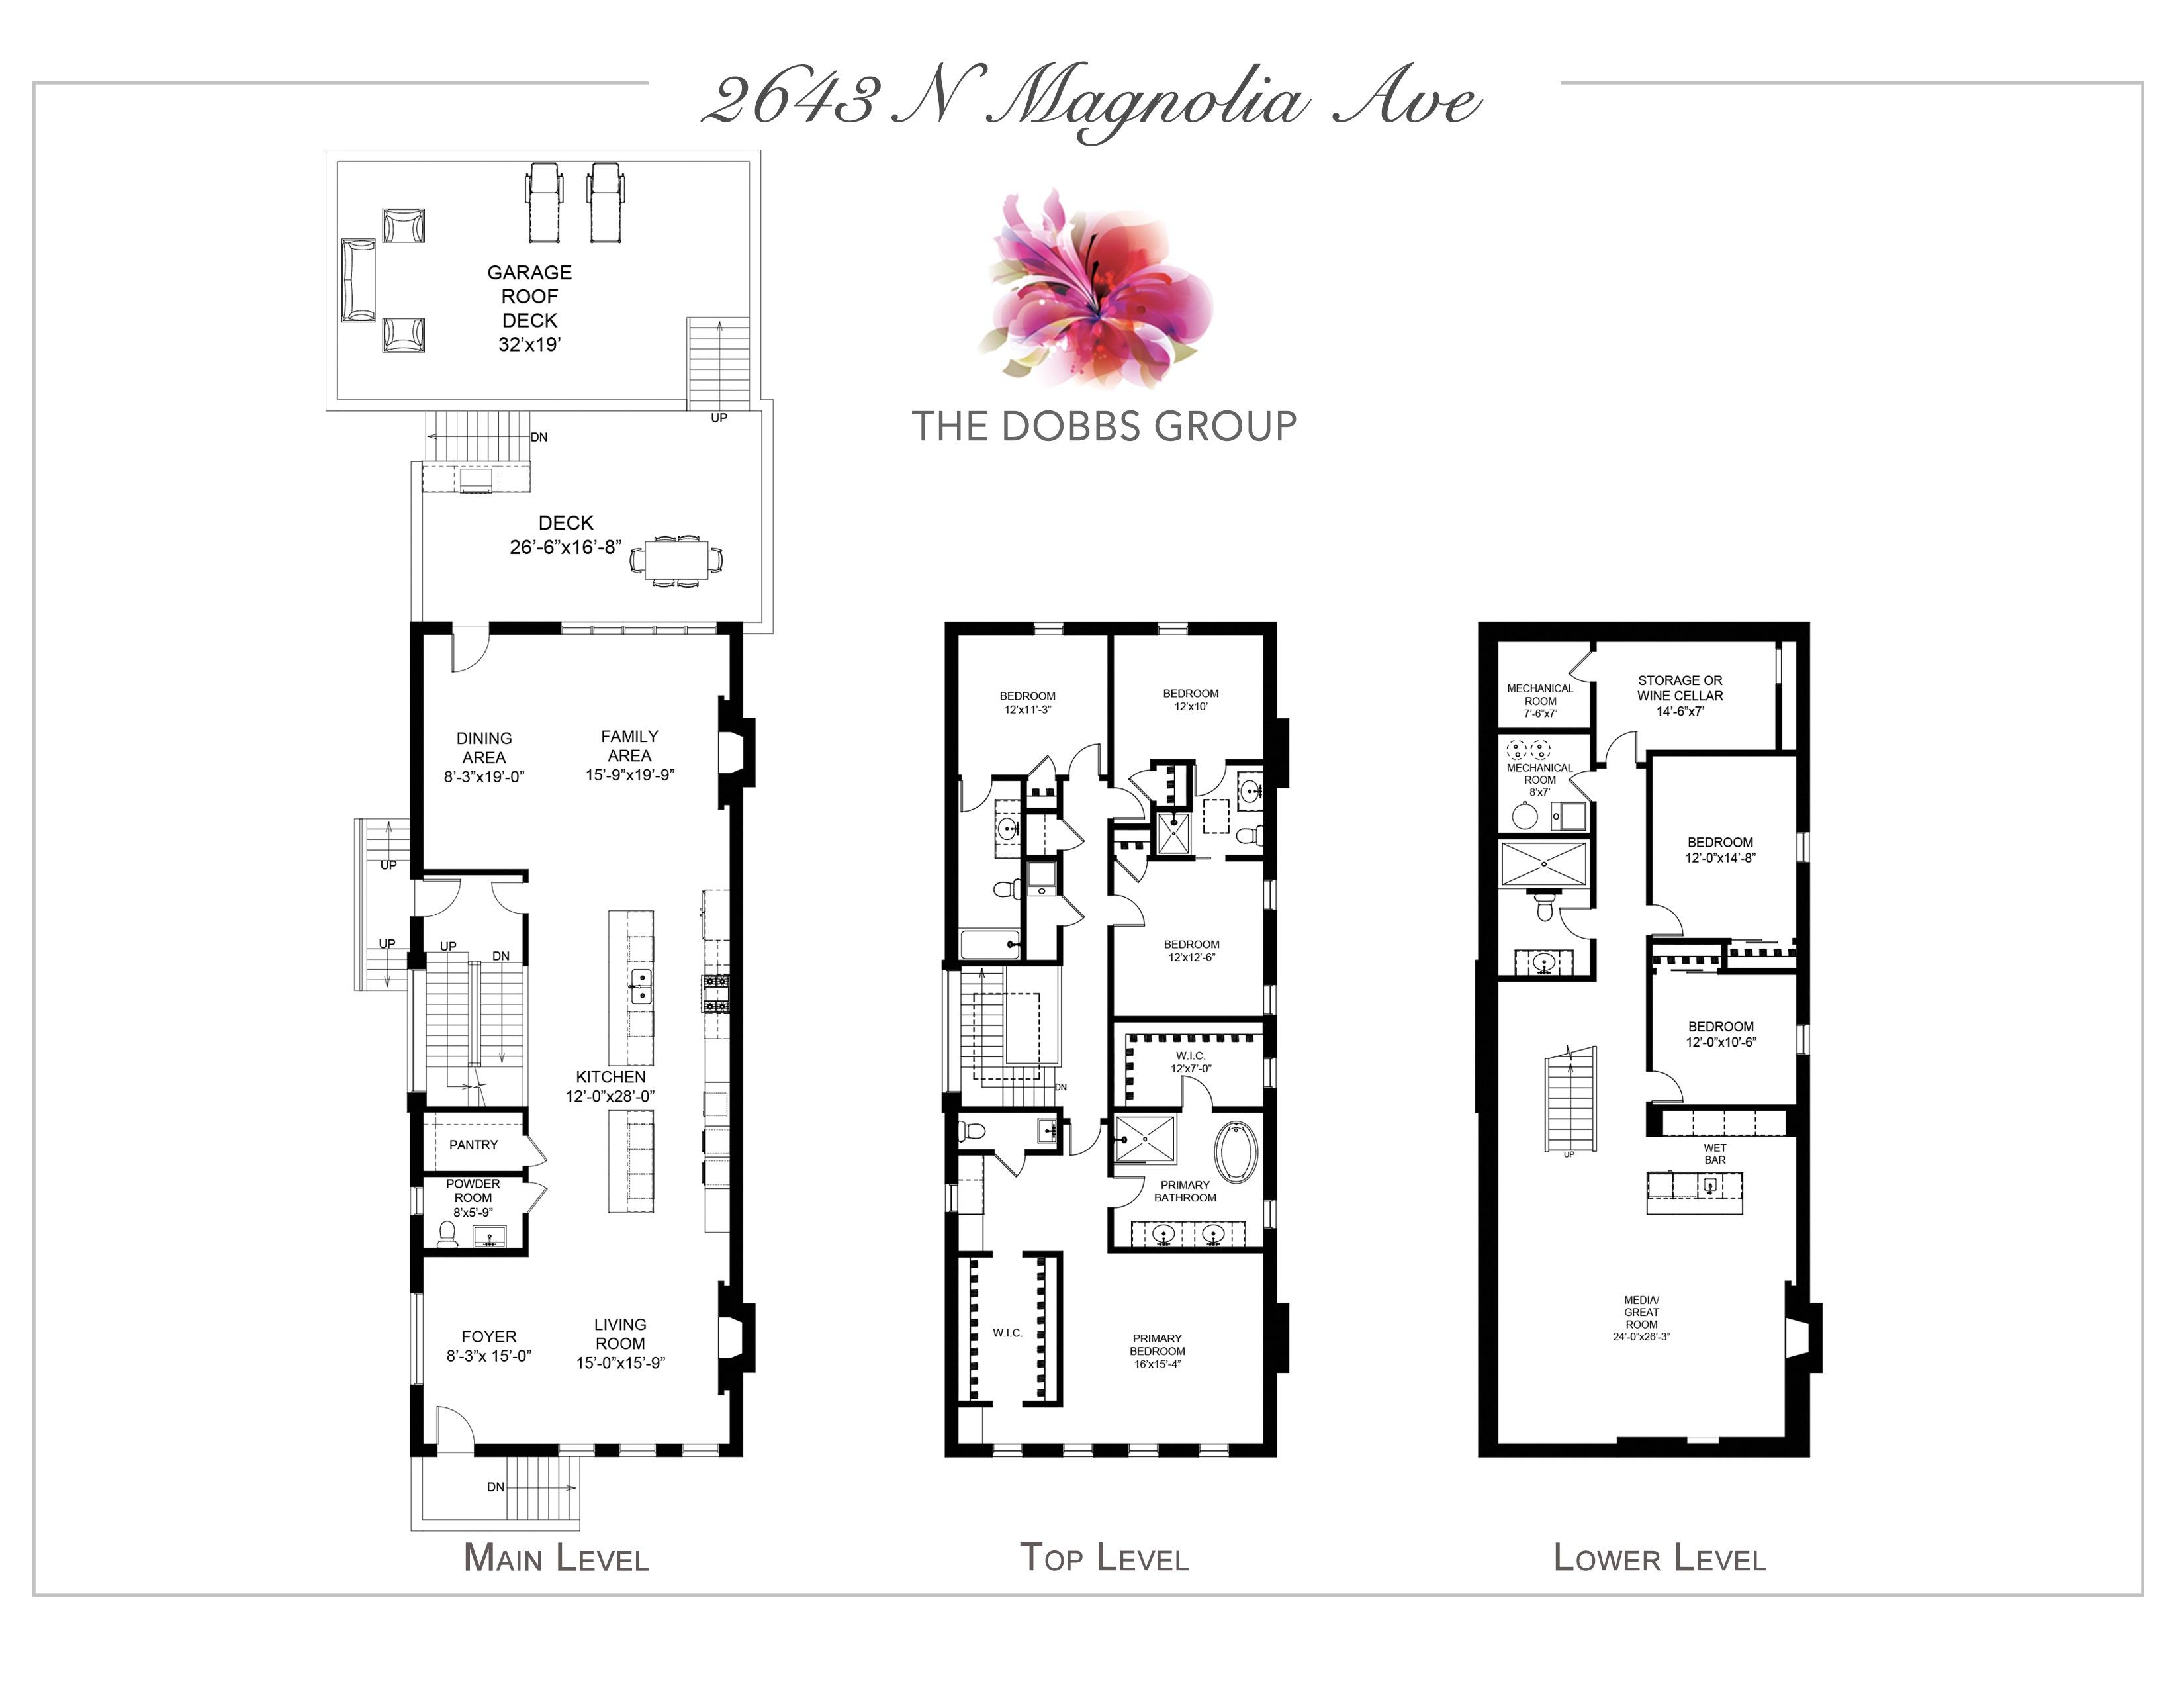 FPB-2643-Magnolia